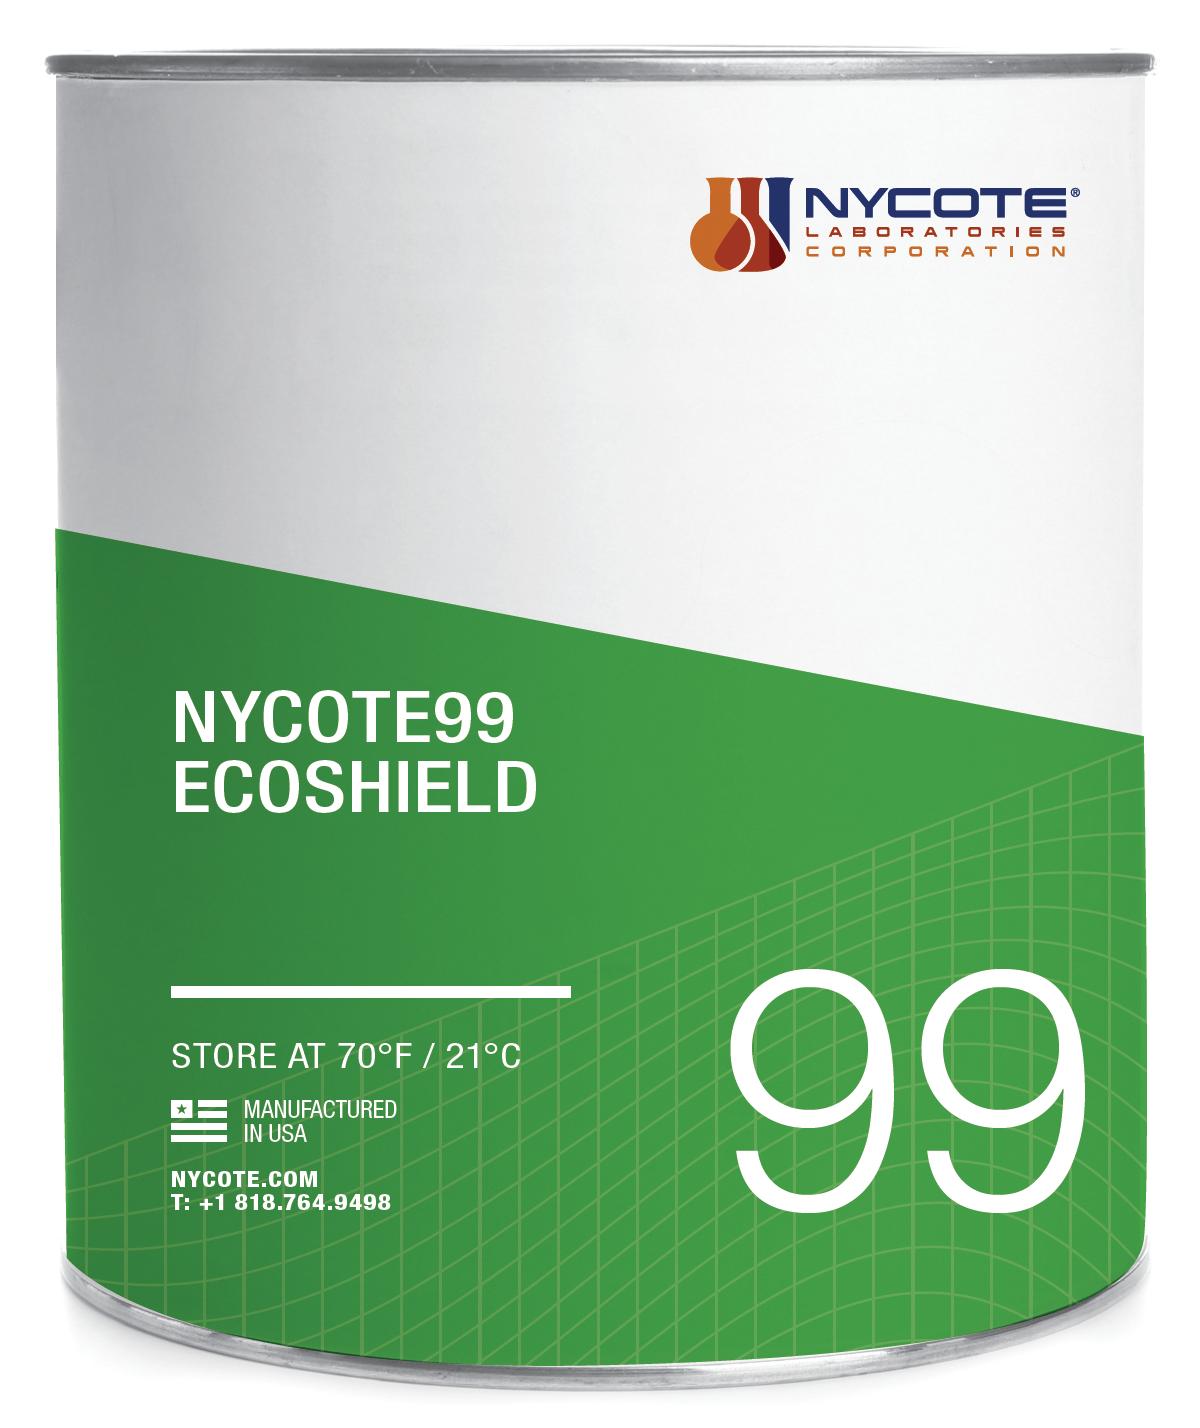 Nycote 99